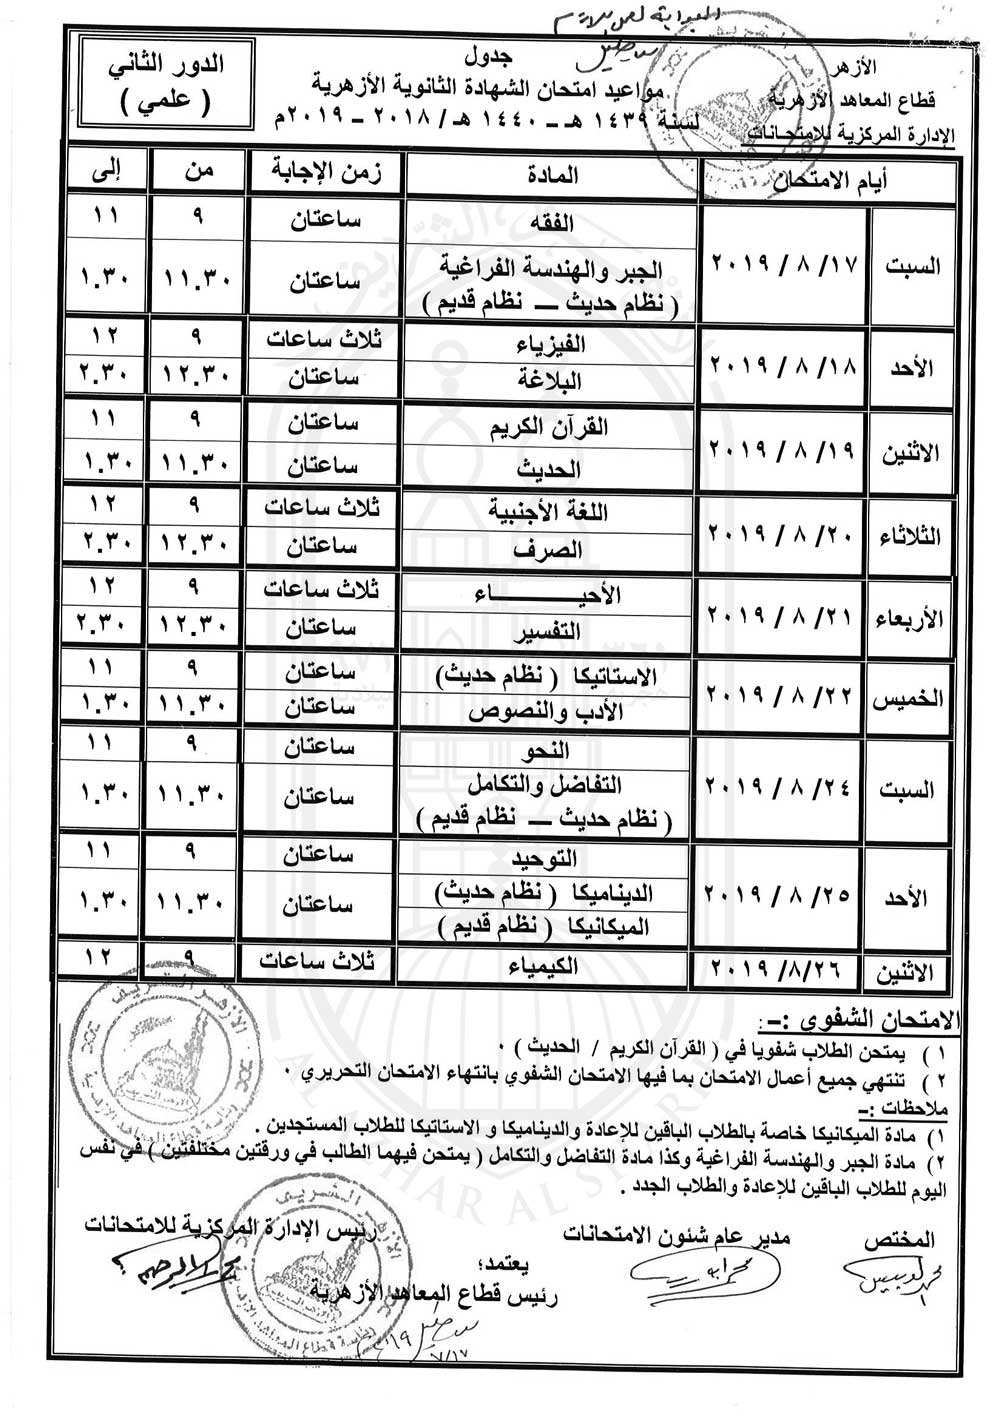 ثانوية-علمى-دور-ثان-2019_1